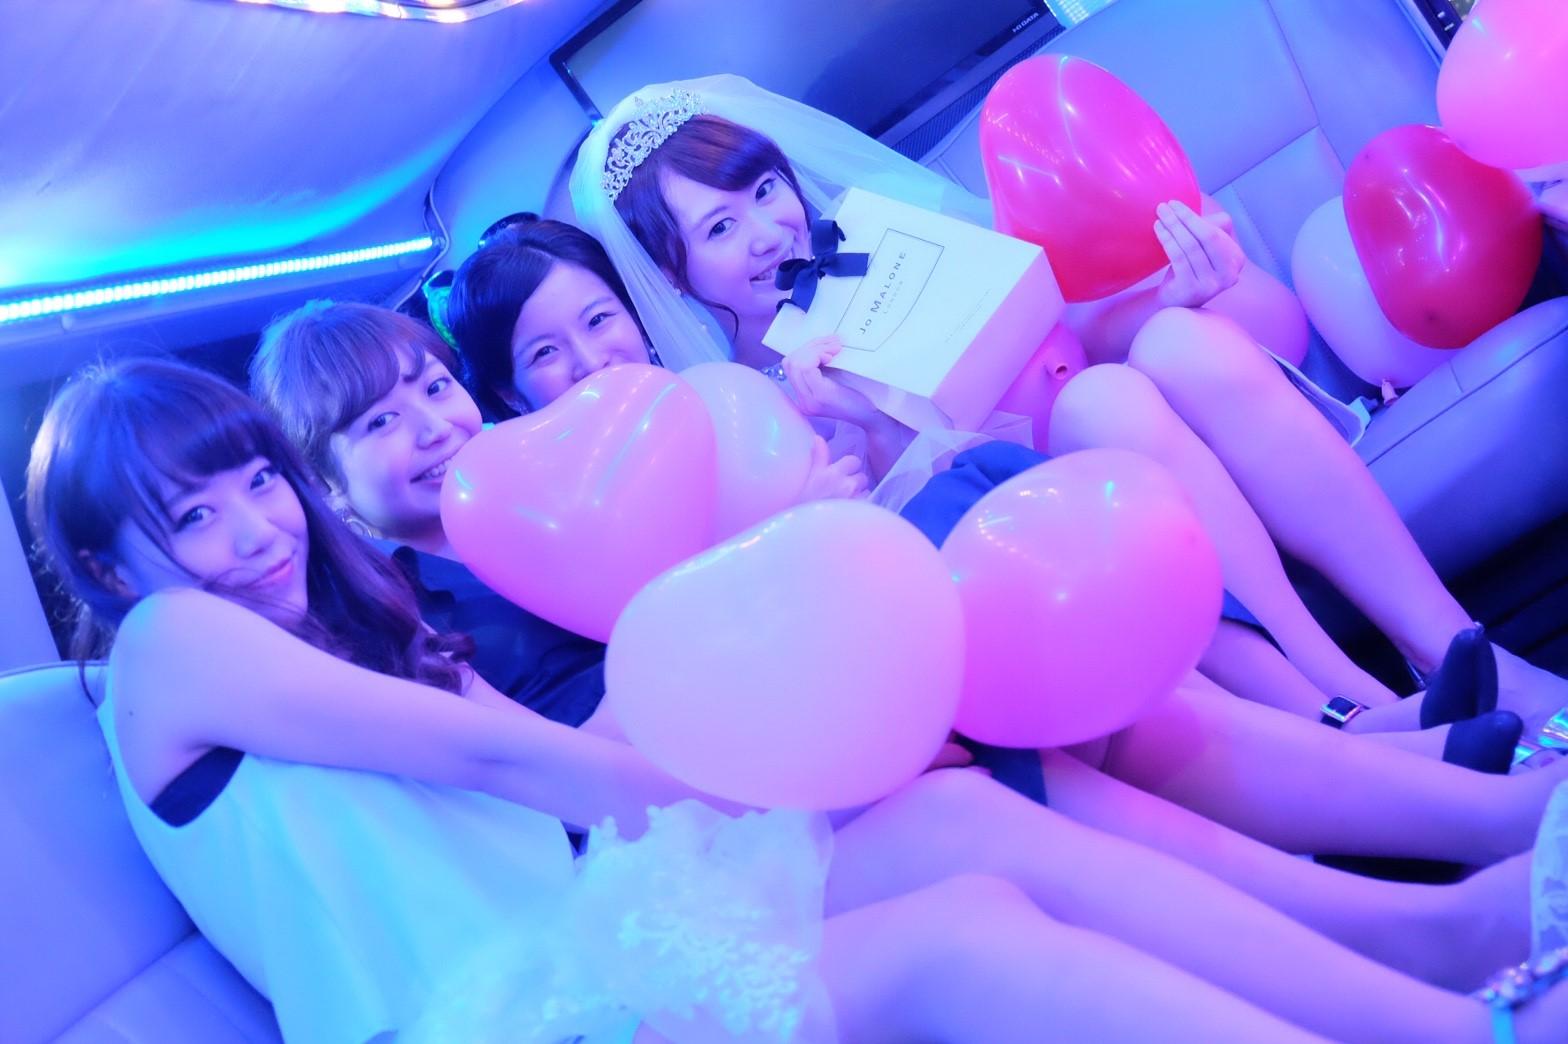 リムジンレンタル不要の撮影パーティーリムジン車内 (3)